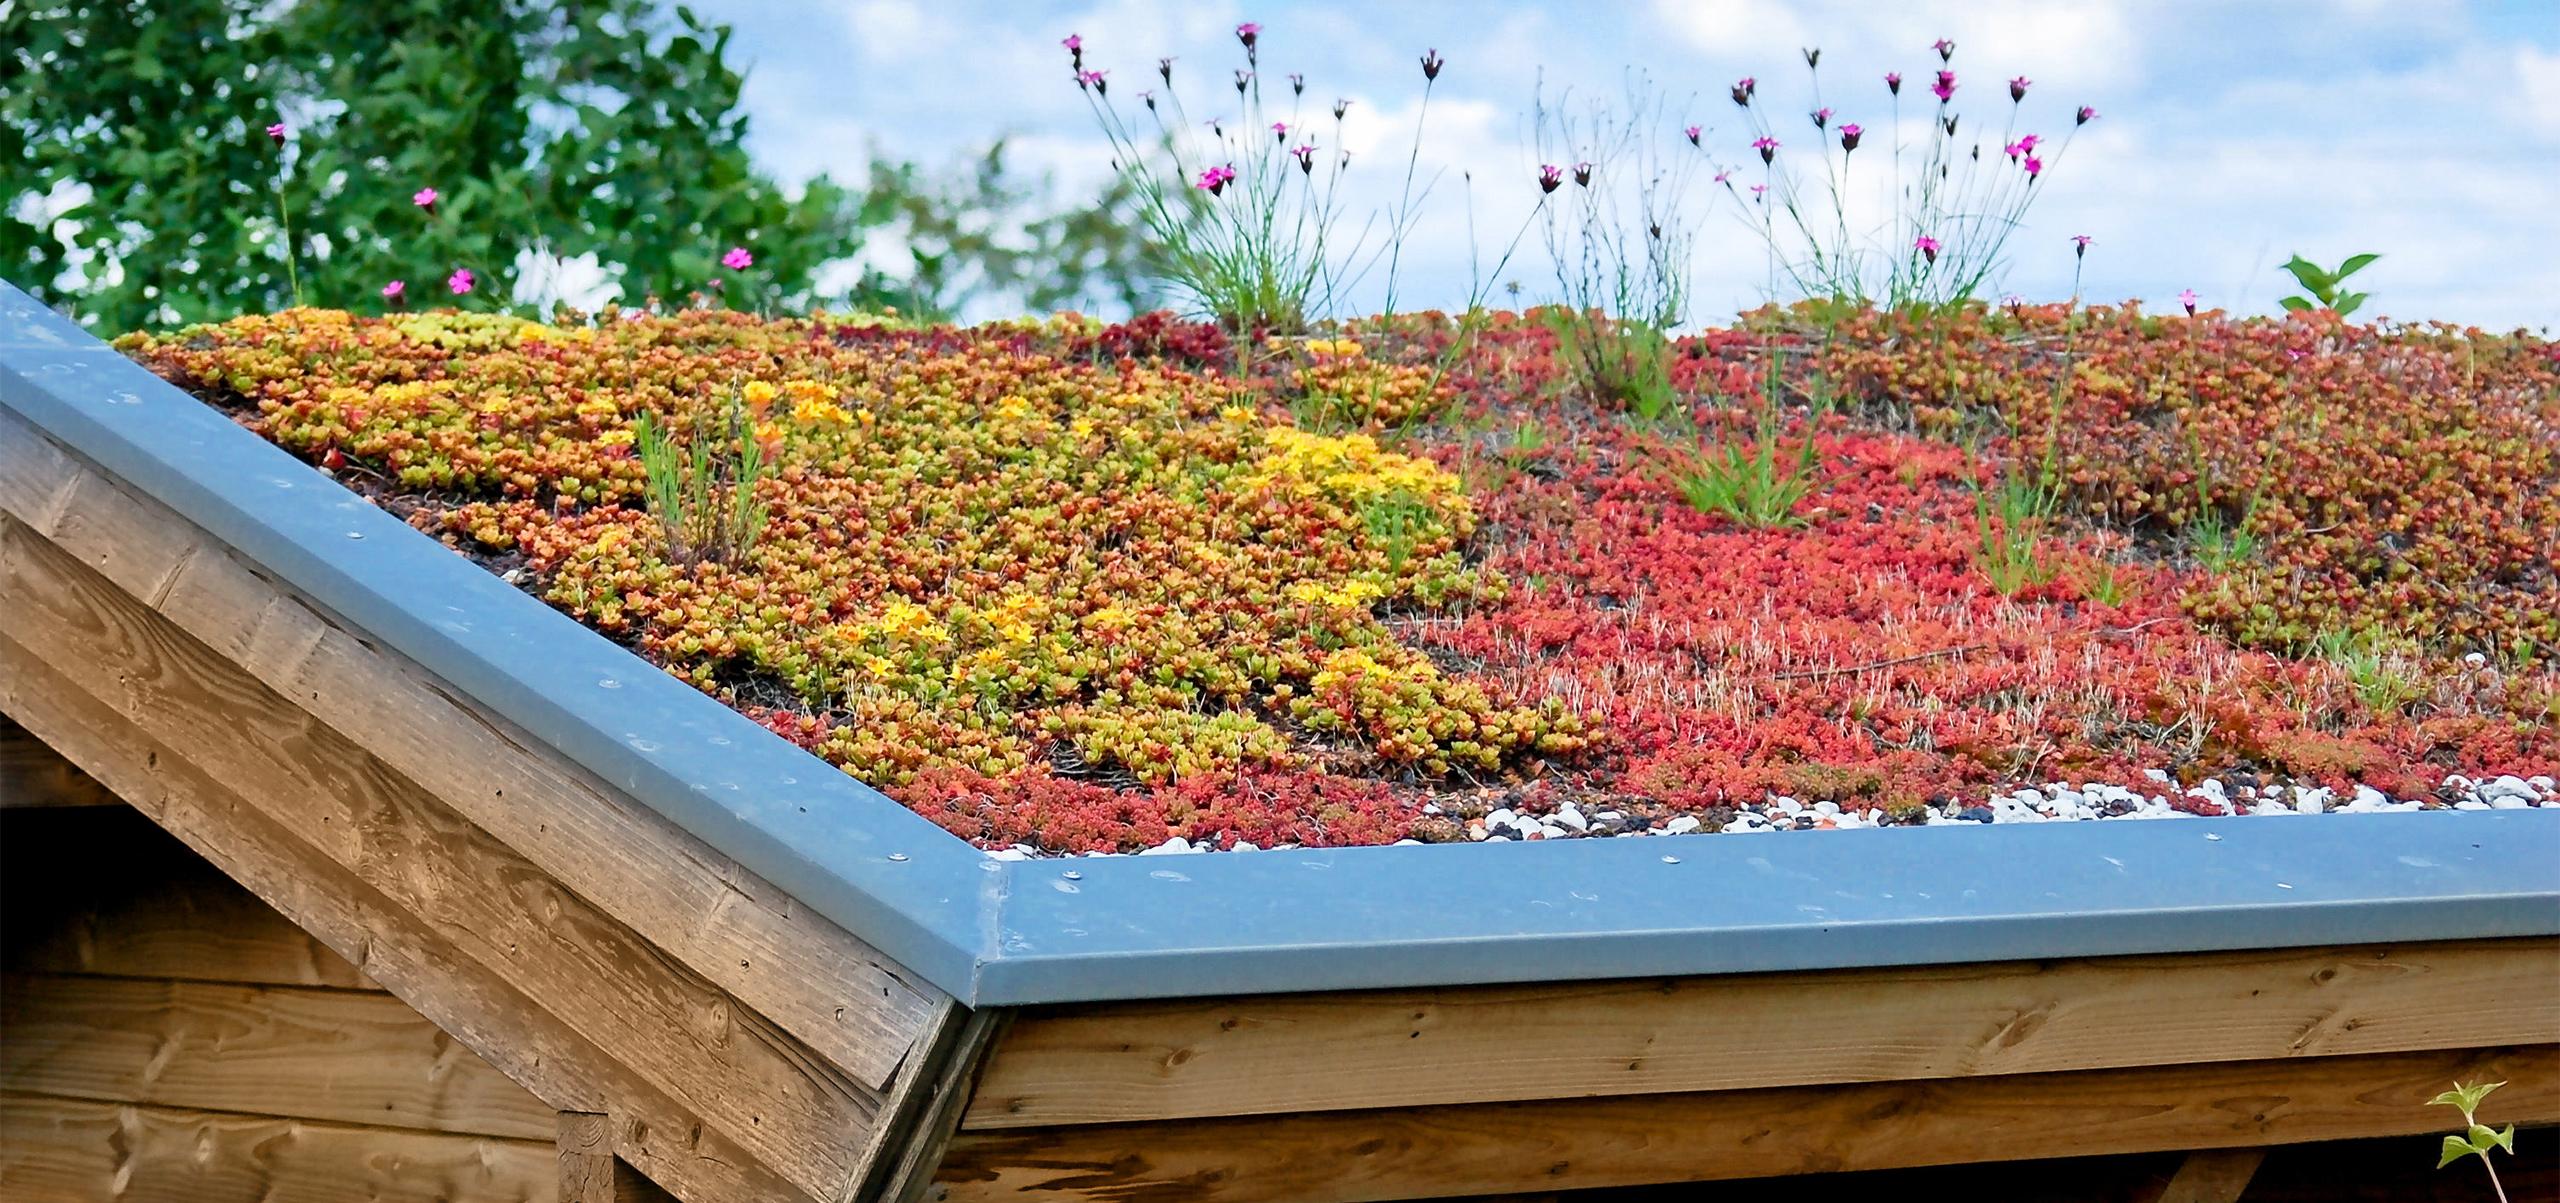 Dachbegrünung und Pflanzen für grüne Hausdächer und Garagen